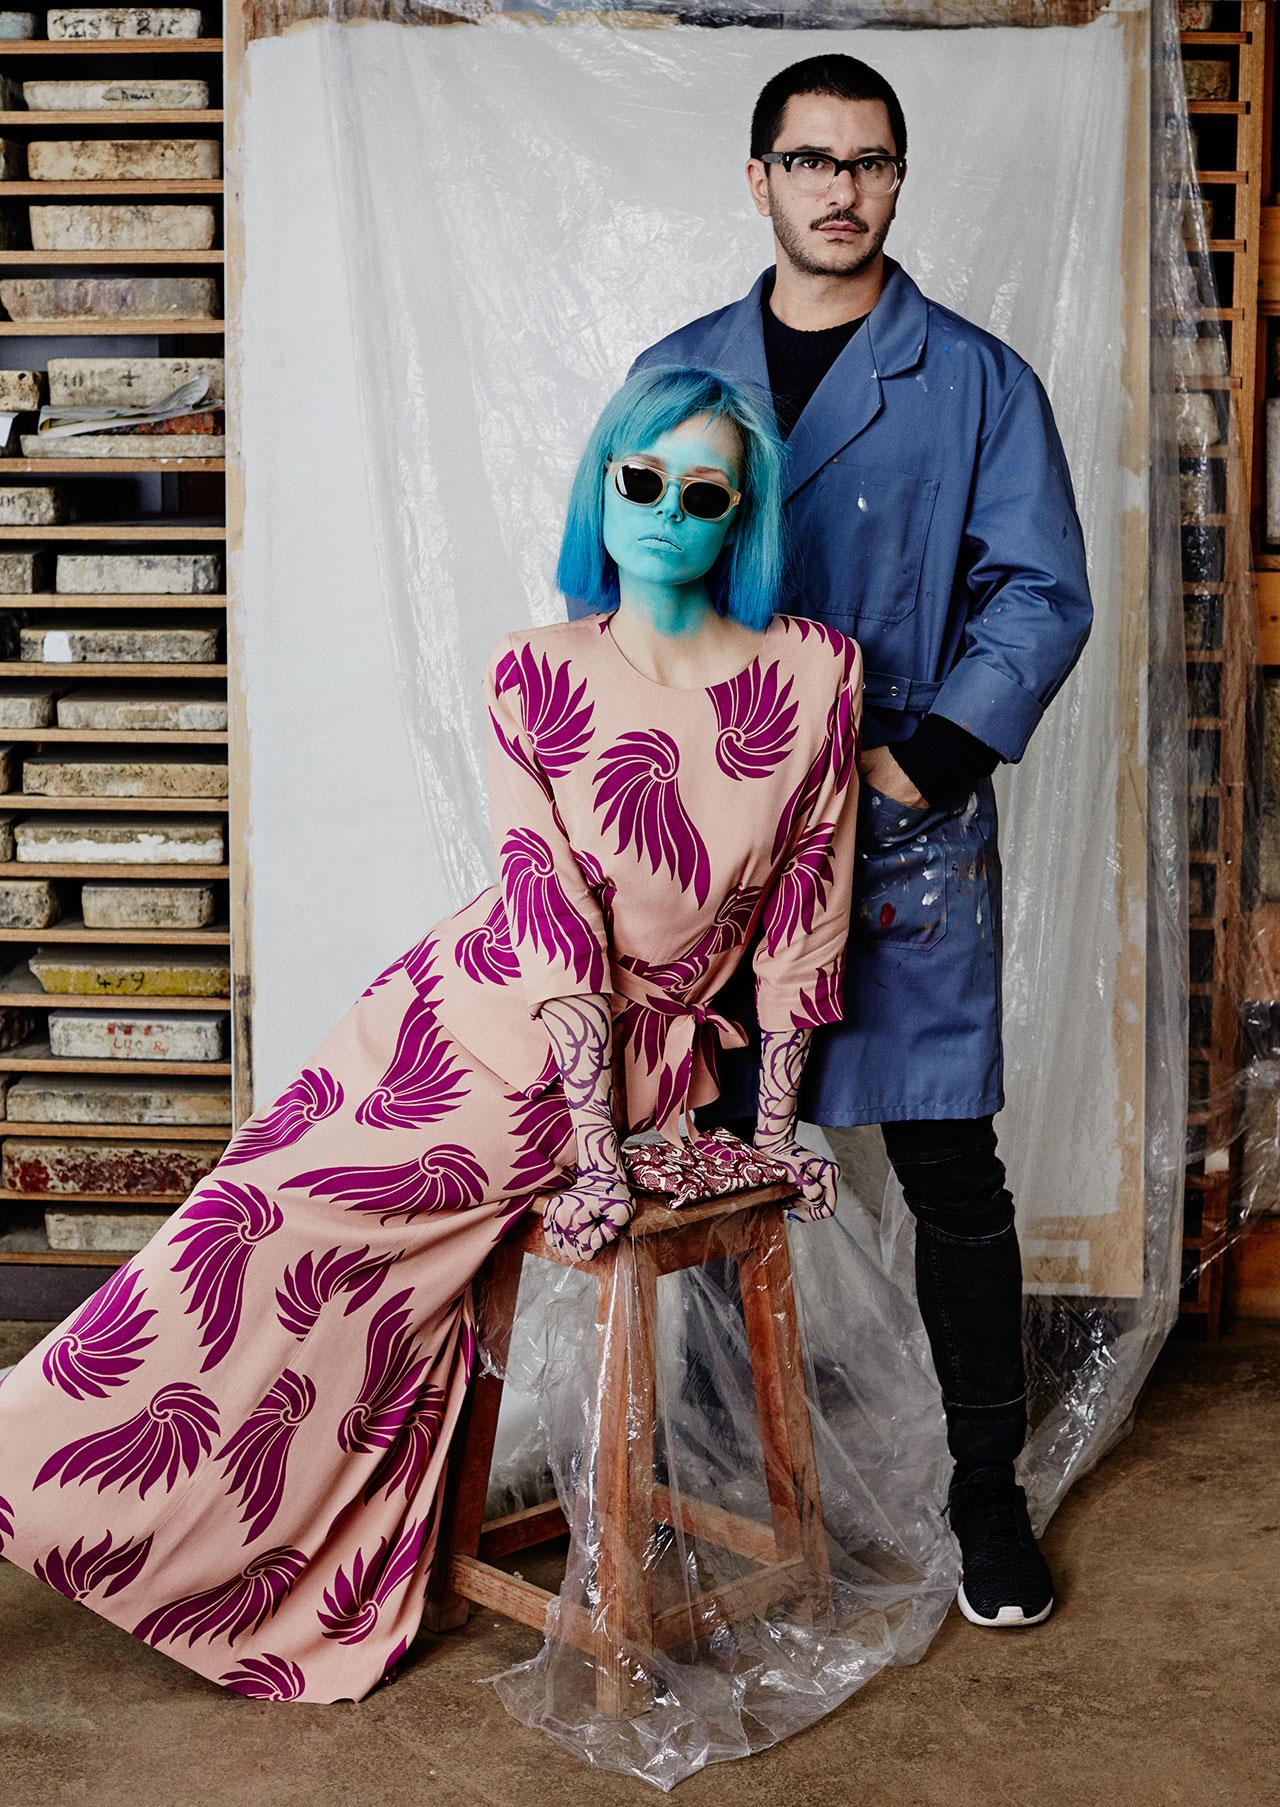 człowiek w roboczym ubraniu i modelka z pomalowaną na niebiesko twarzą i z niebieskimi włosami